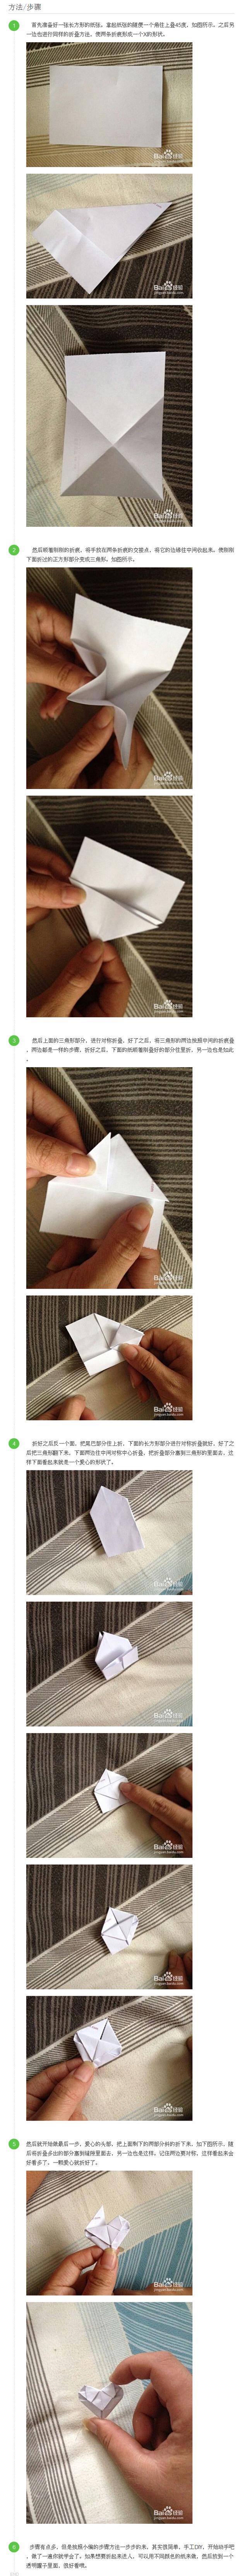 下面的长方形部分进行对称折叠